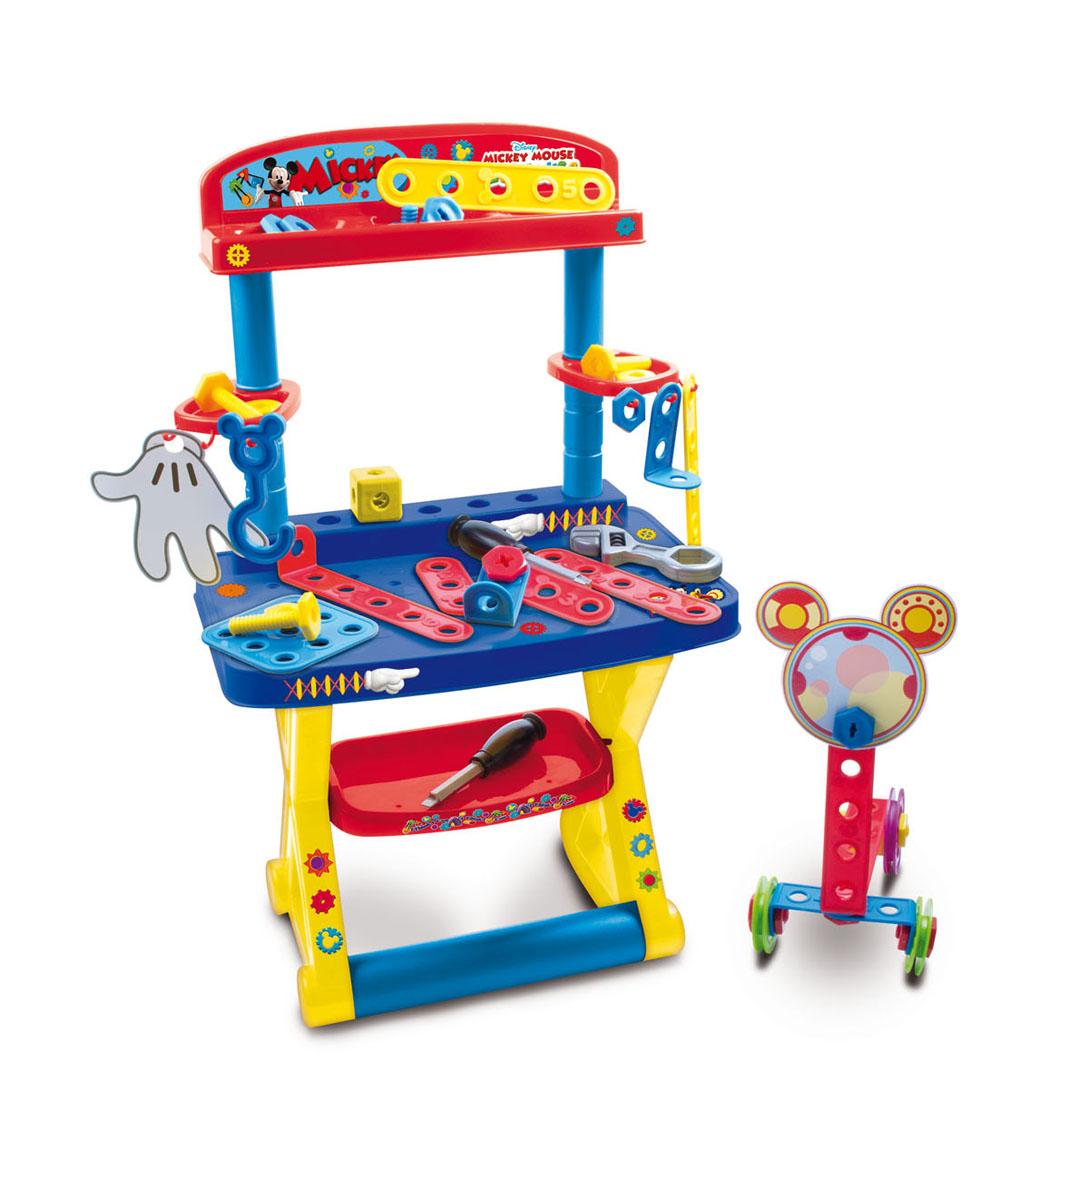 IMC Toys Игрушечный стол с инструментами Mickey Mouse181182Игрушечный стол с инструментами IMC Toys Mickey Mouse - это прекрасный подарок для детей, любящих помогать папе. Стол включает в себя различные детали - от инструментов, до элементов конструктора, с помощью которых ребенок самостоятельно сможет собрать множество увлекательных игрушек. В мастерской Mickey Mouse можно провести не один час. Здесь имеется все необходимое для ремонтных работ: удобная стойка, отвертки, ключи, гайки, планки и другие инструменты. Все детали удобно хранить на специальных полочках и крючках. Игрушка поможет ребенку стать самостоятельным и ответственным. Стол с инструментами развивает у ребенка внимательность, координацию движений, мелкую моторику рук, воображение, логическое мышление, зрительное восприятие, наблюдательность и терпение.